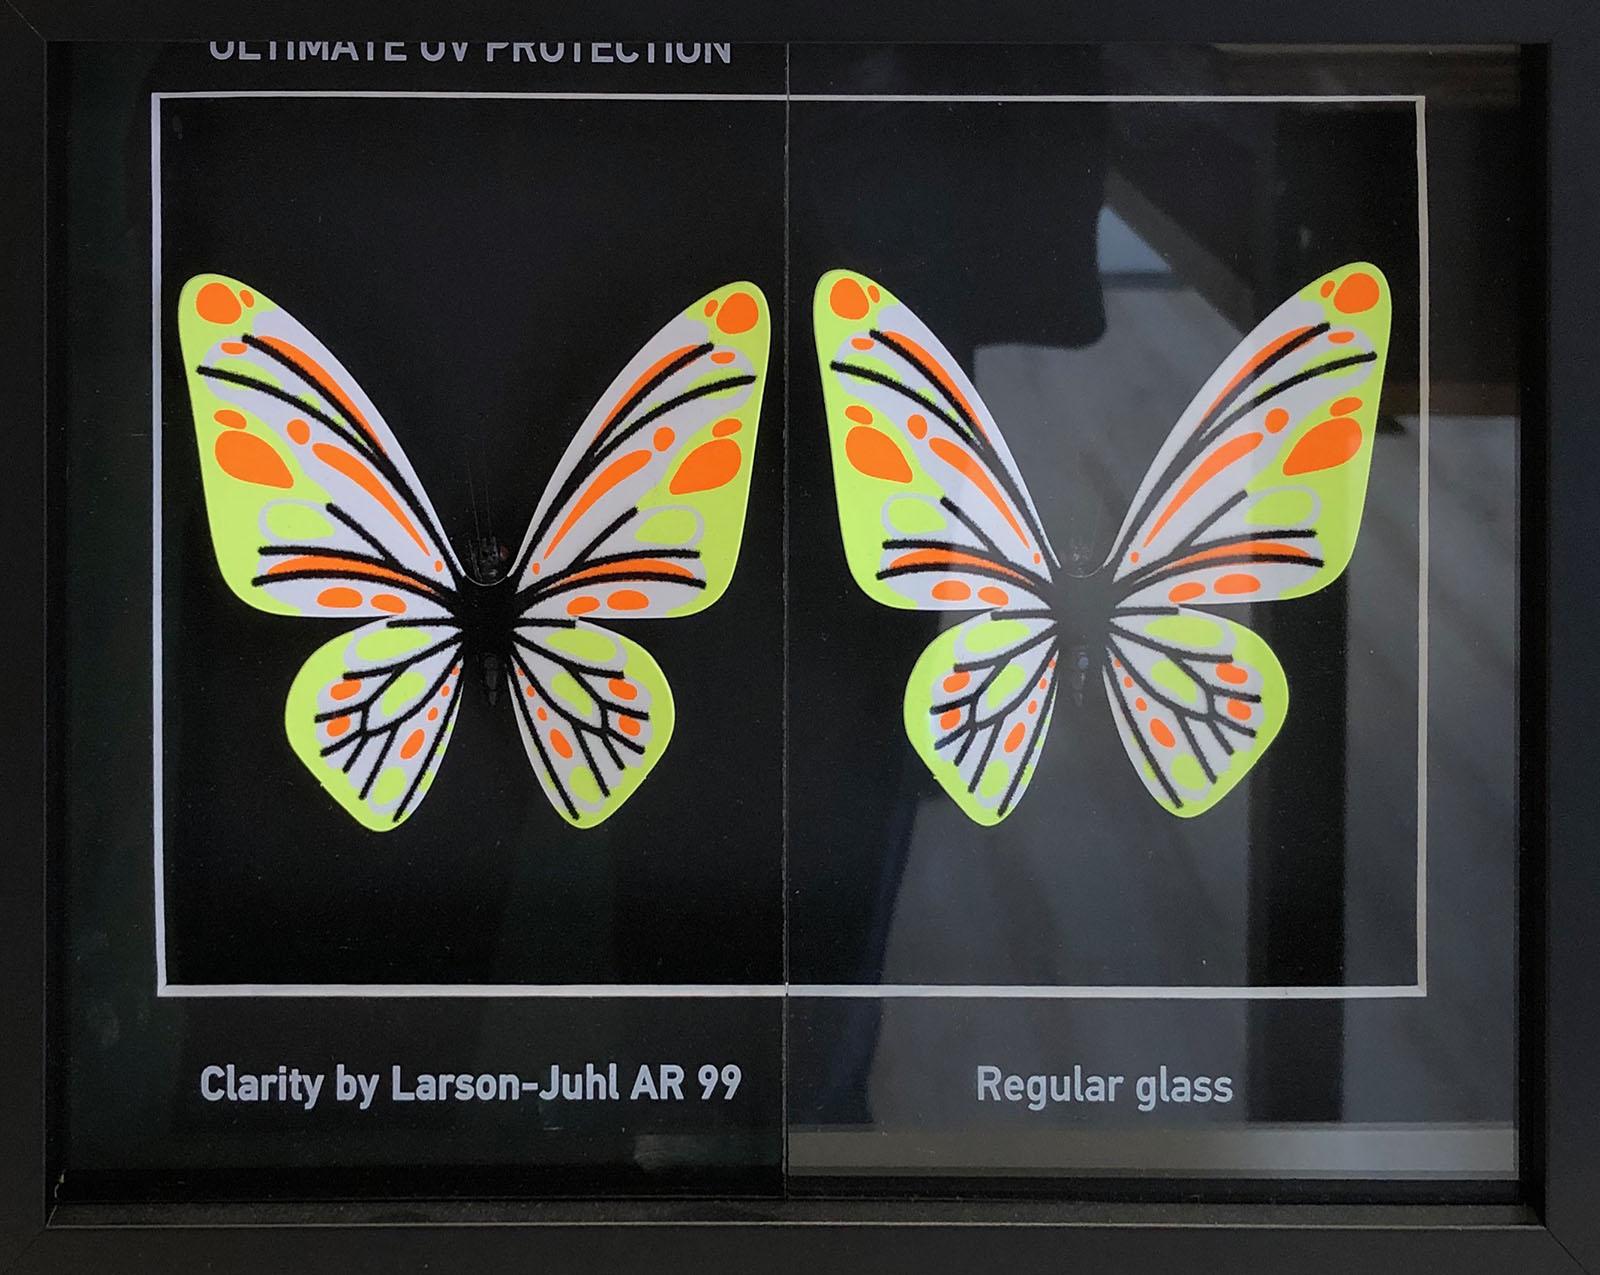 Het verschil tussen museumglas en gewoon glas